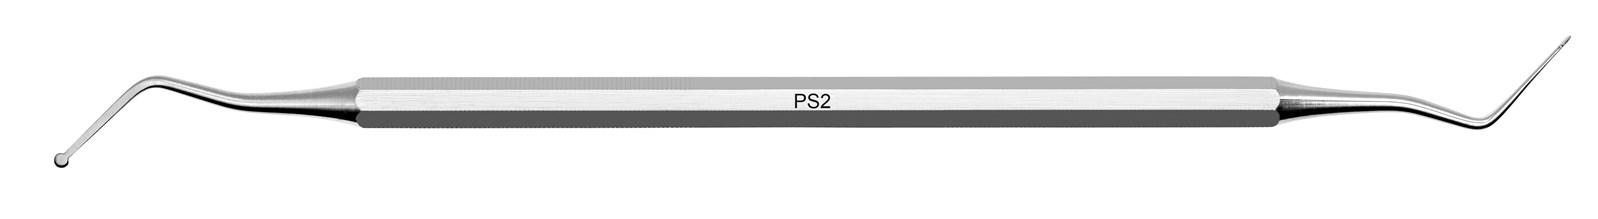 Mikrochirurgický nůž - PS2, ADEP světle zelený